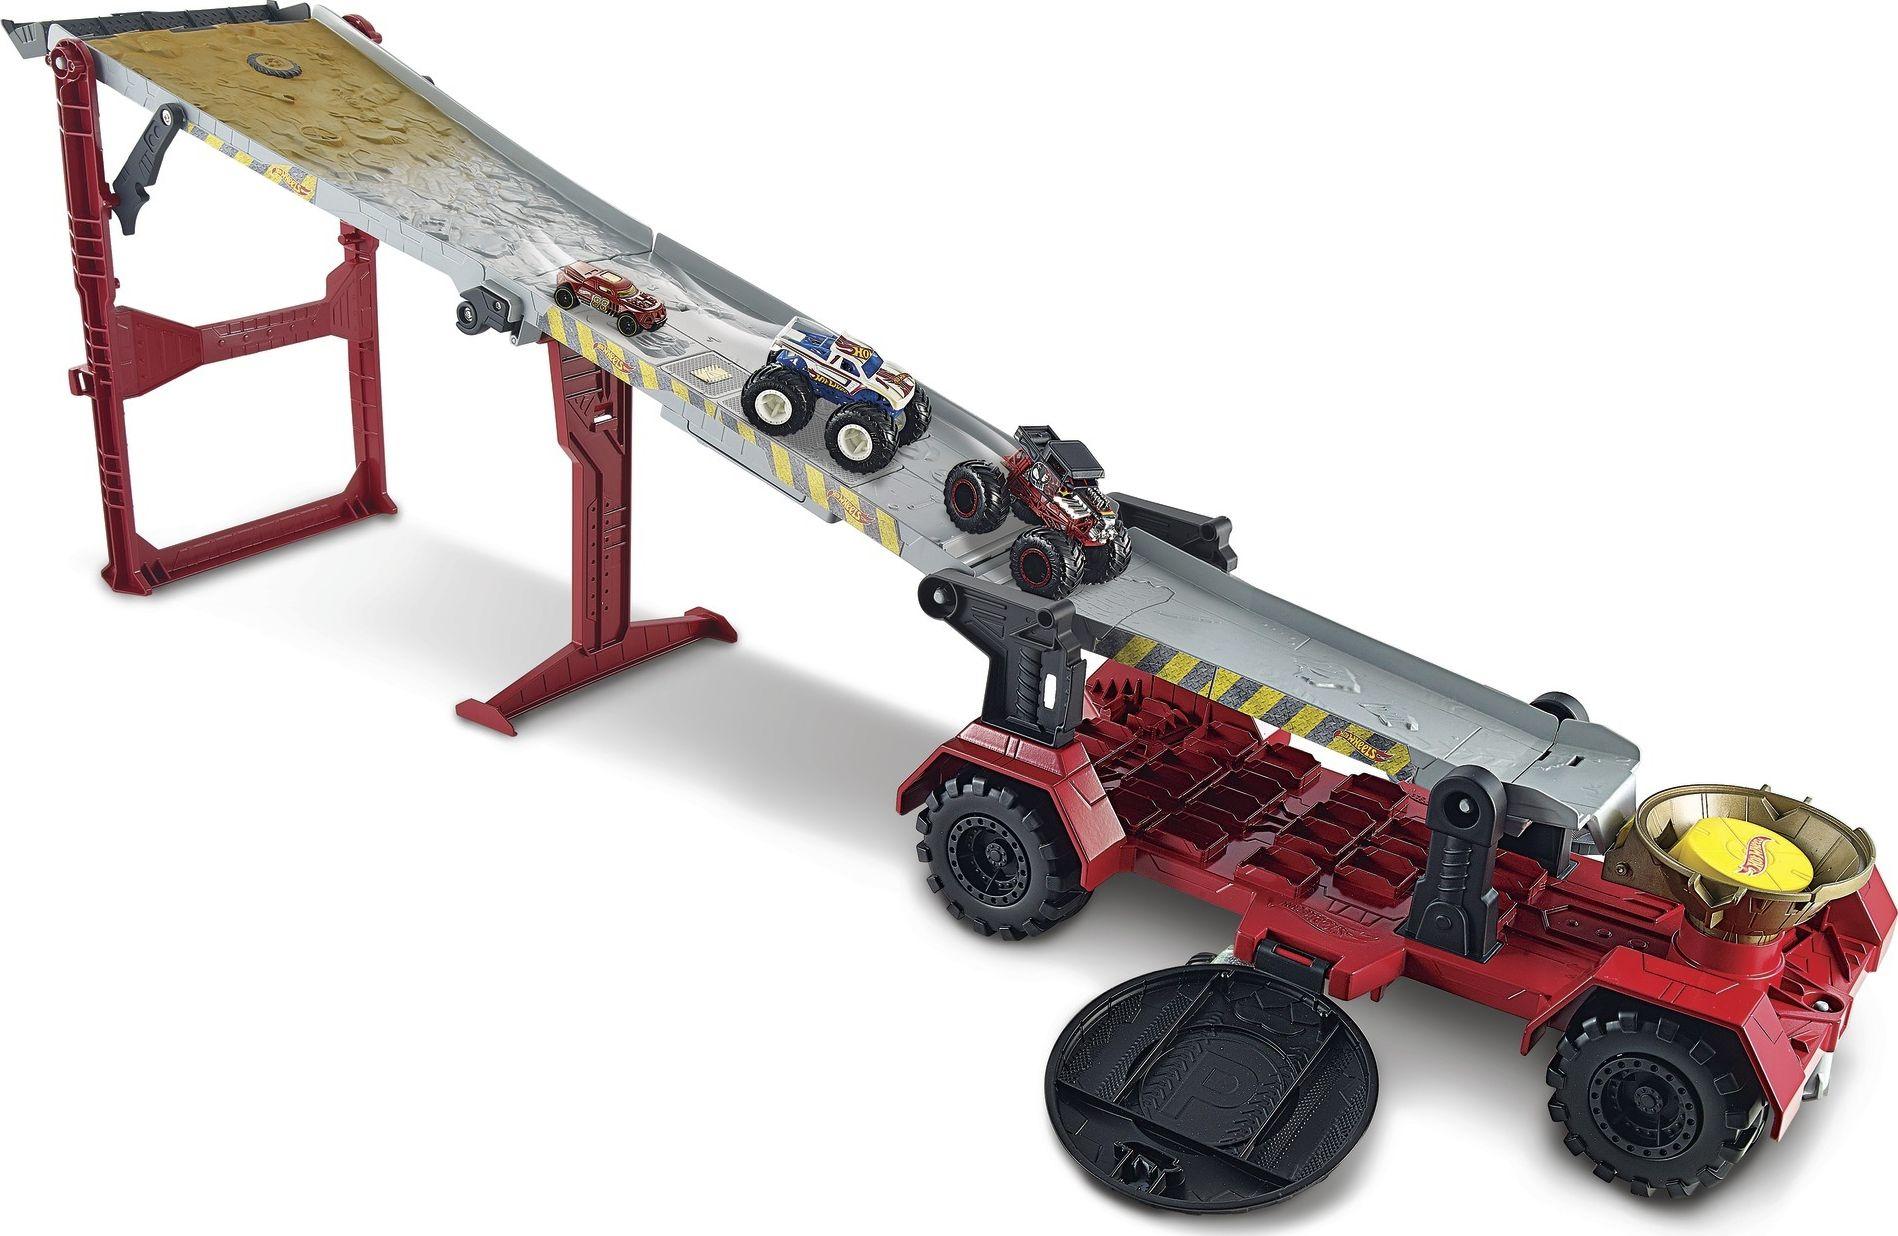 Hot Wheels Monster Trucks Mega Mobile Downhill Play Set GFR15